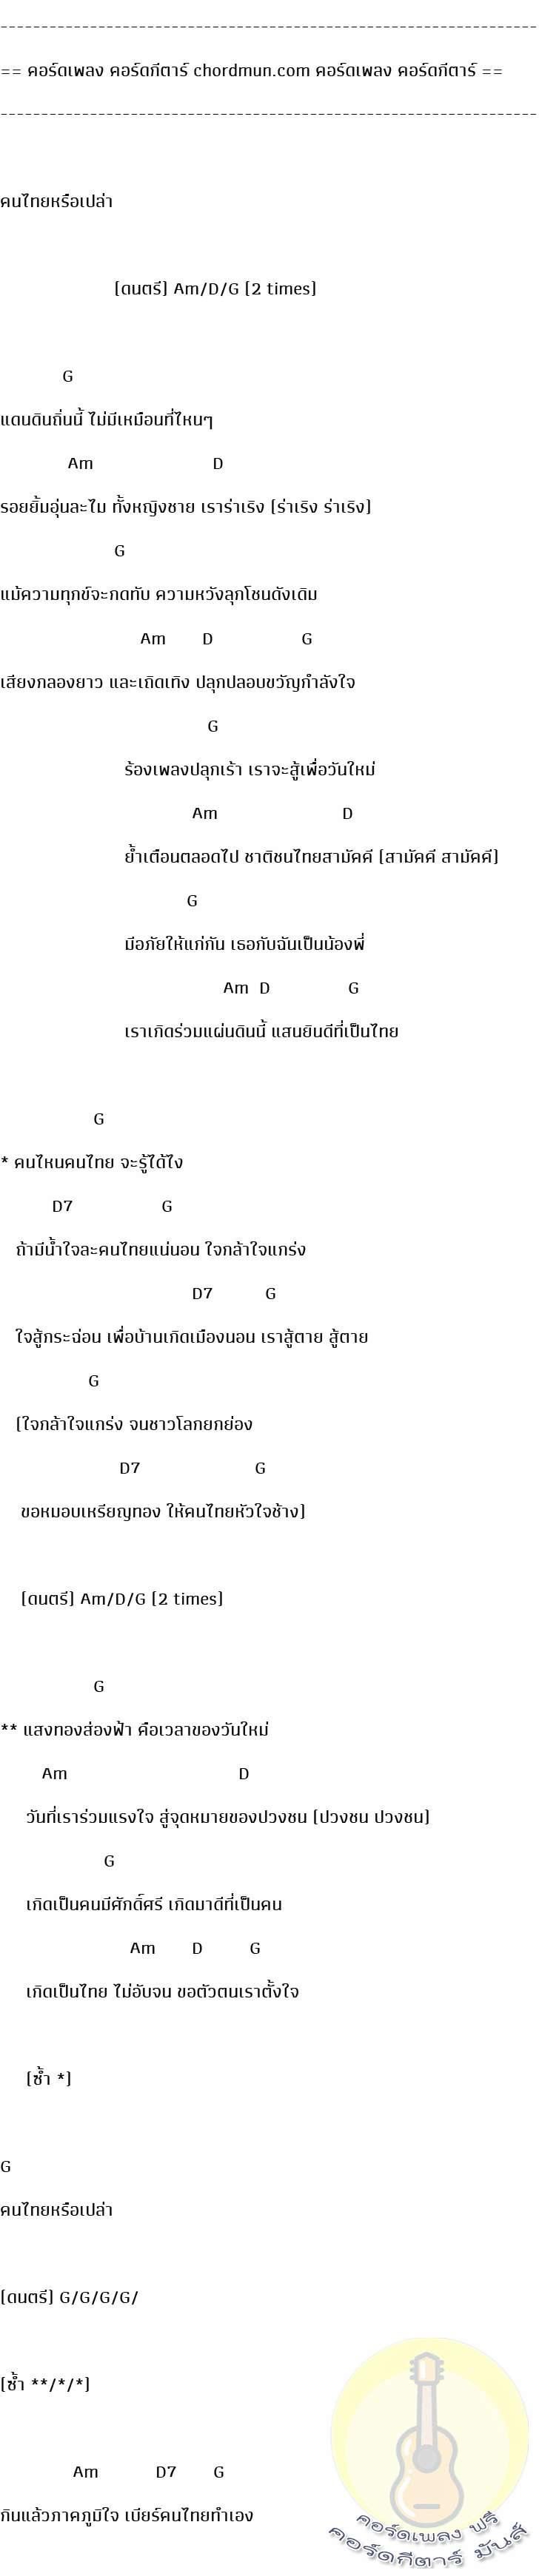 คอร์ดเพลงง่ายๆ  เพลง คนไทยหรือเปล่า